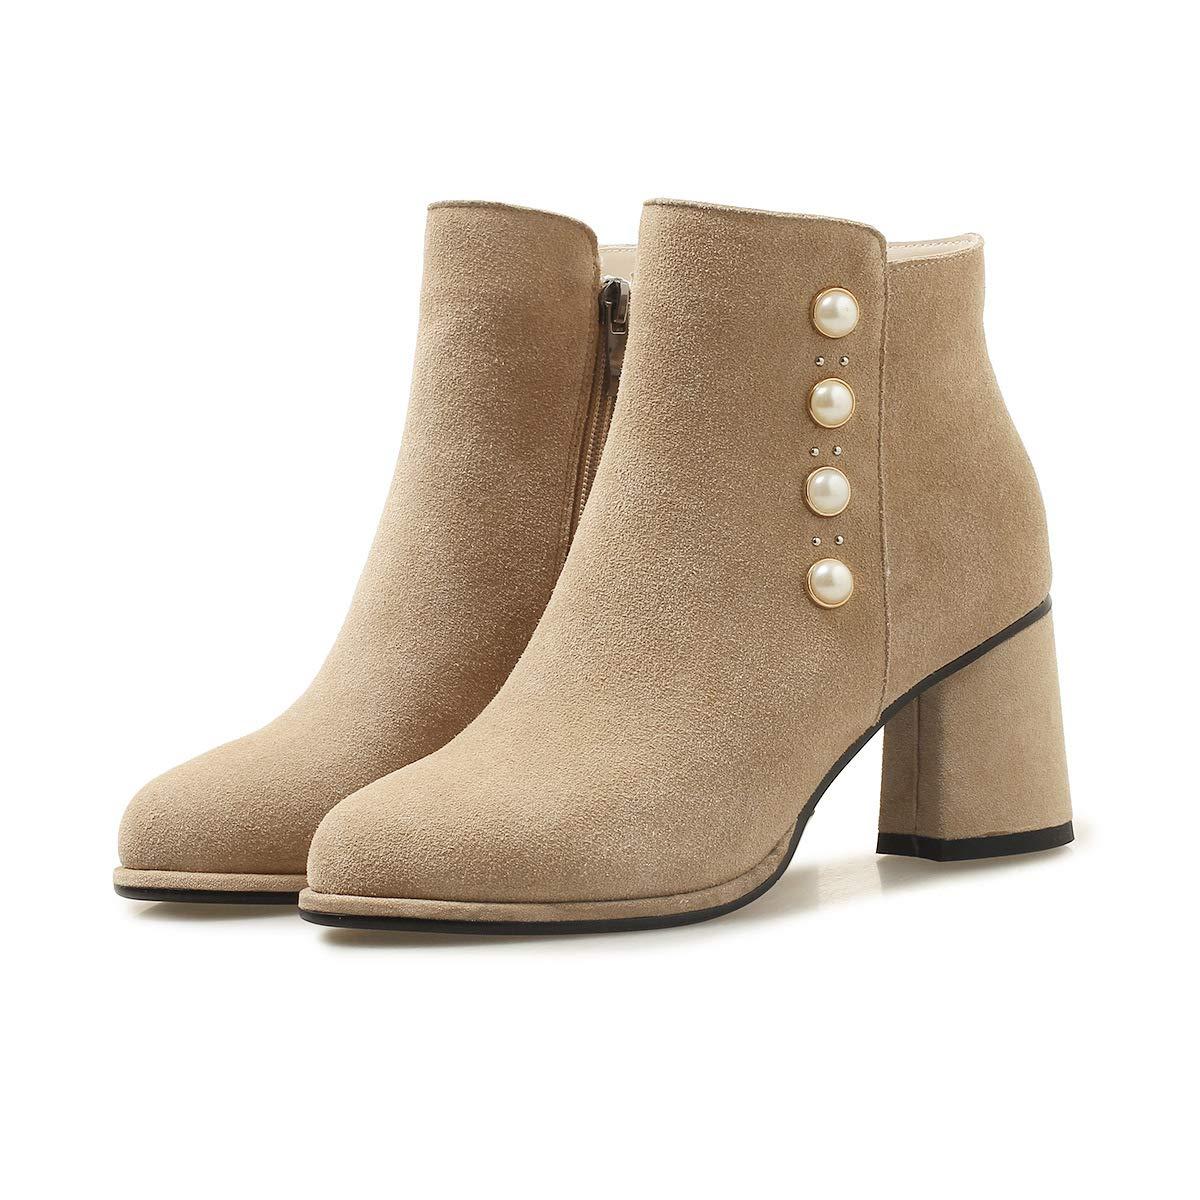 Damen Stiefel Woherren Round Toe Block Heels High Short Ankle Stiefel